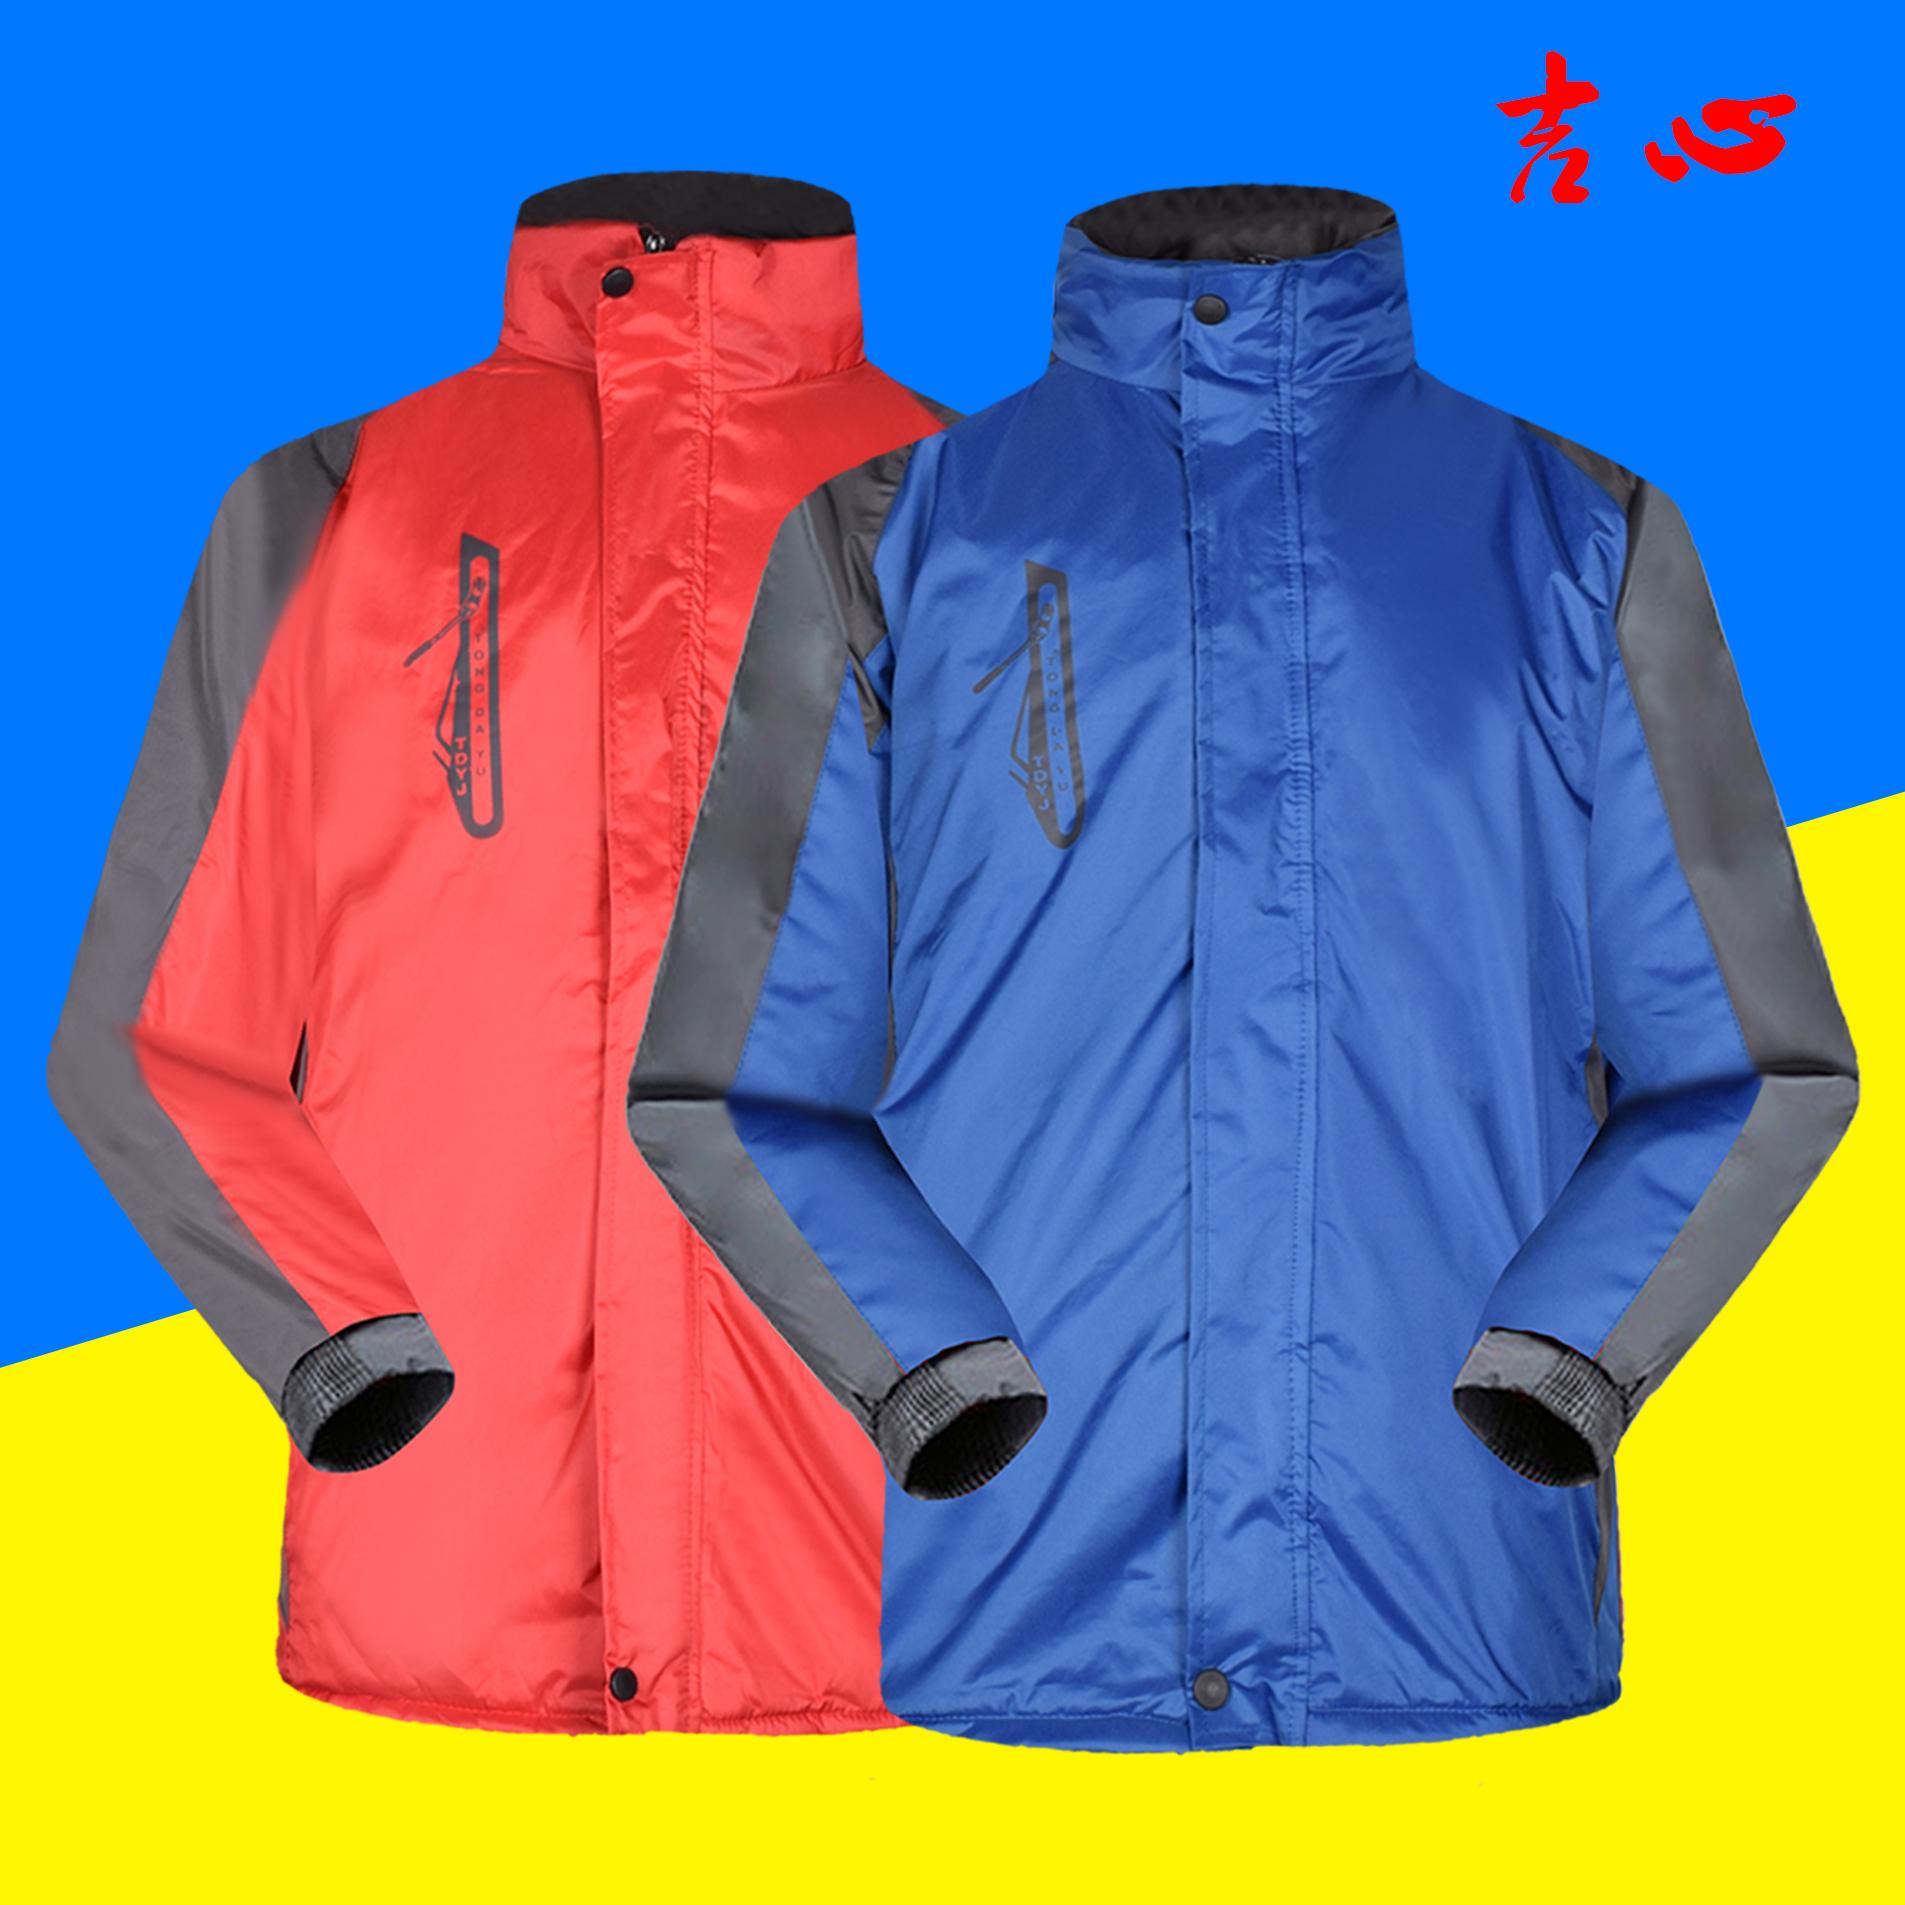 冬季棉衣冲锋衣销售